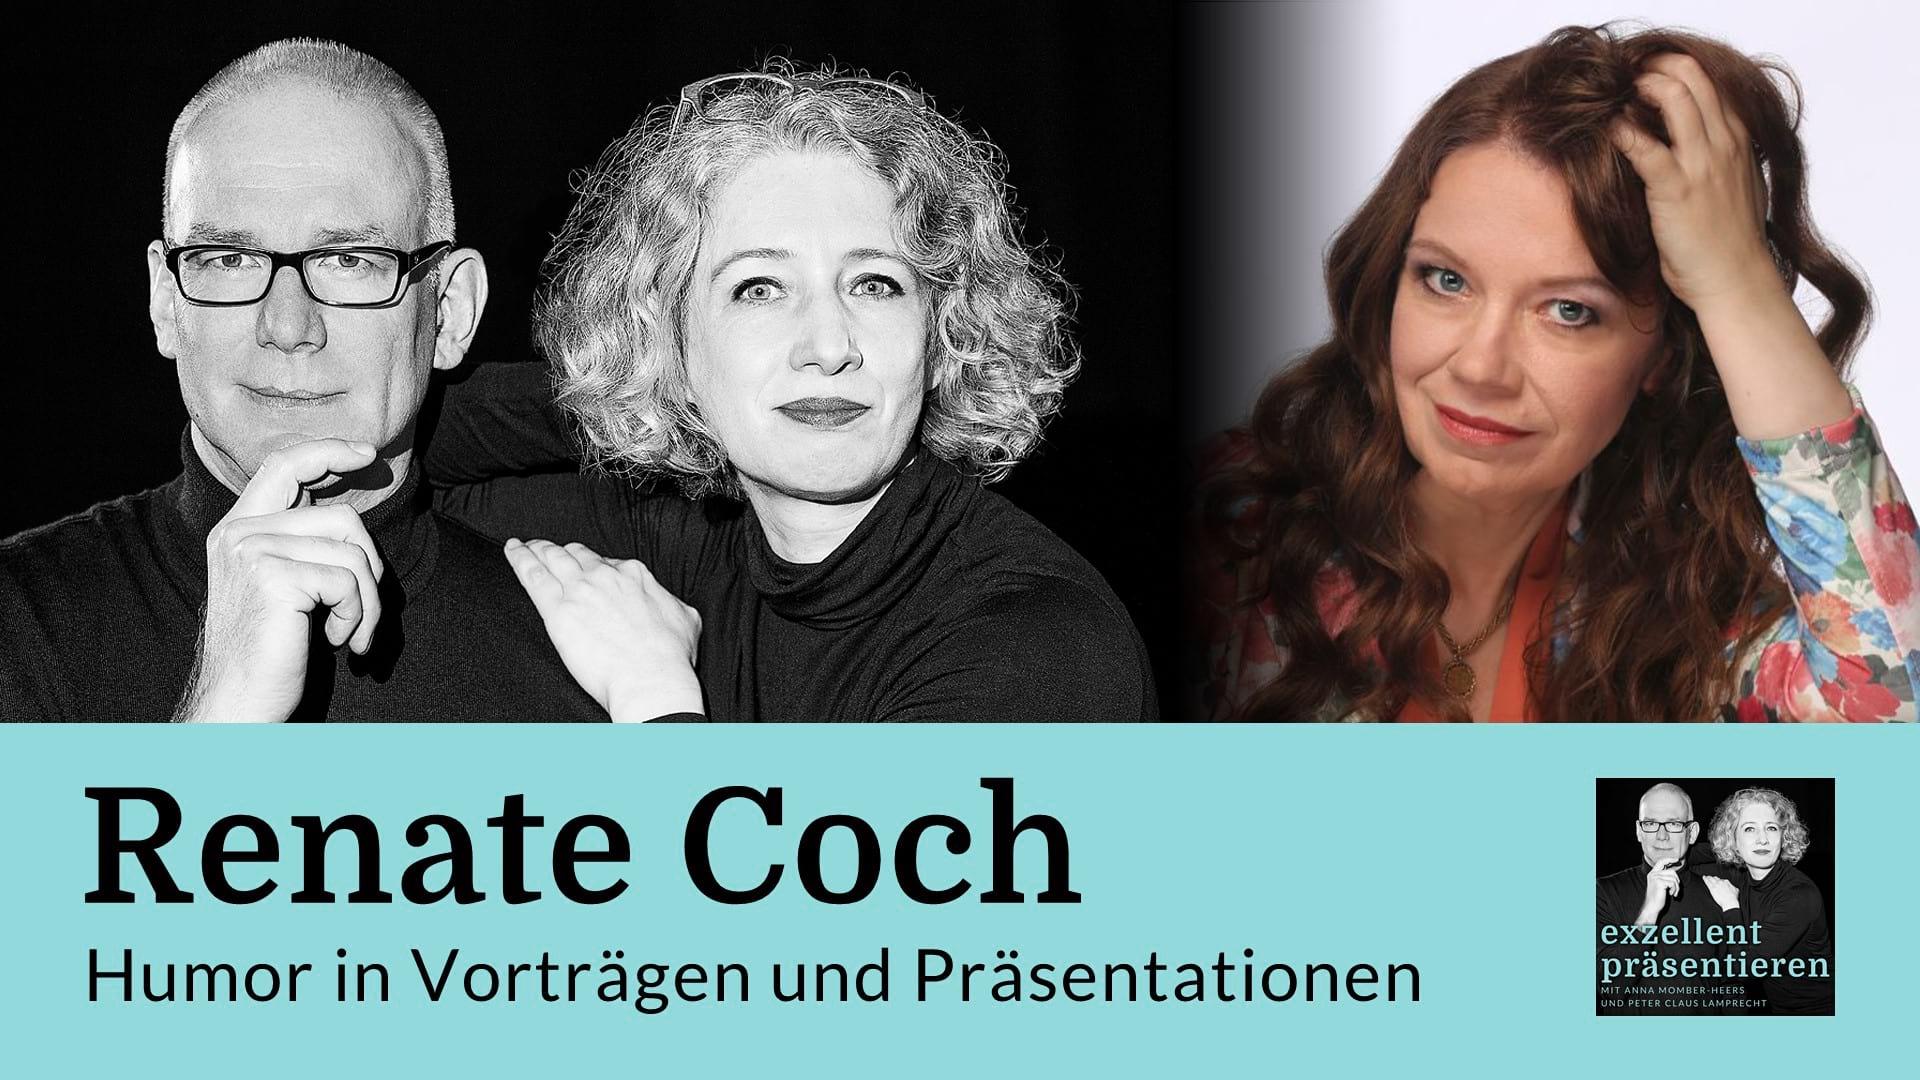 Renate Coch: Humor in Vorträgen und Präsentationen